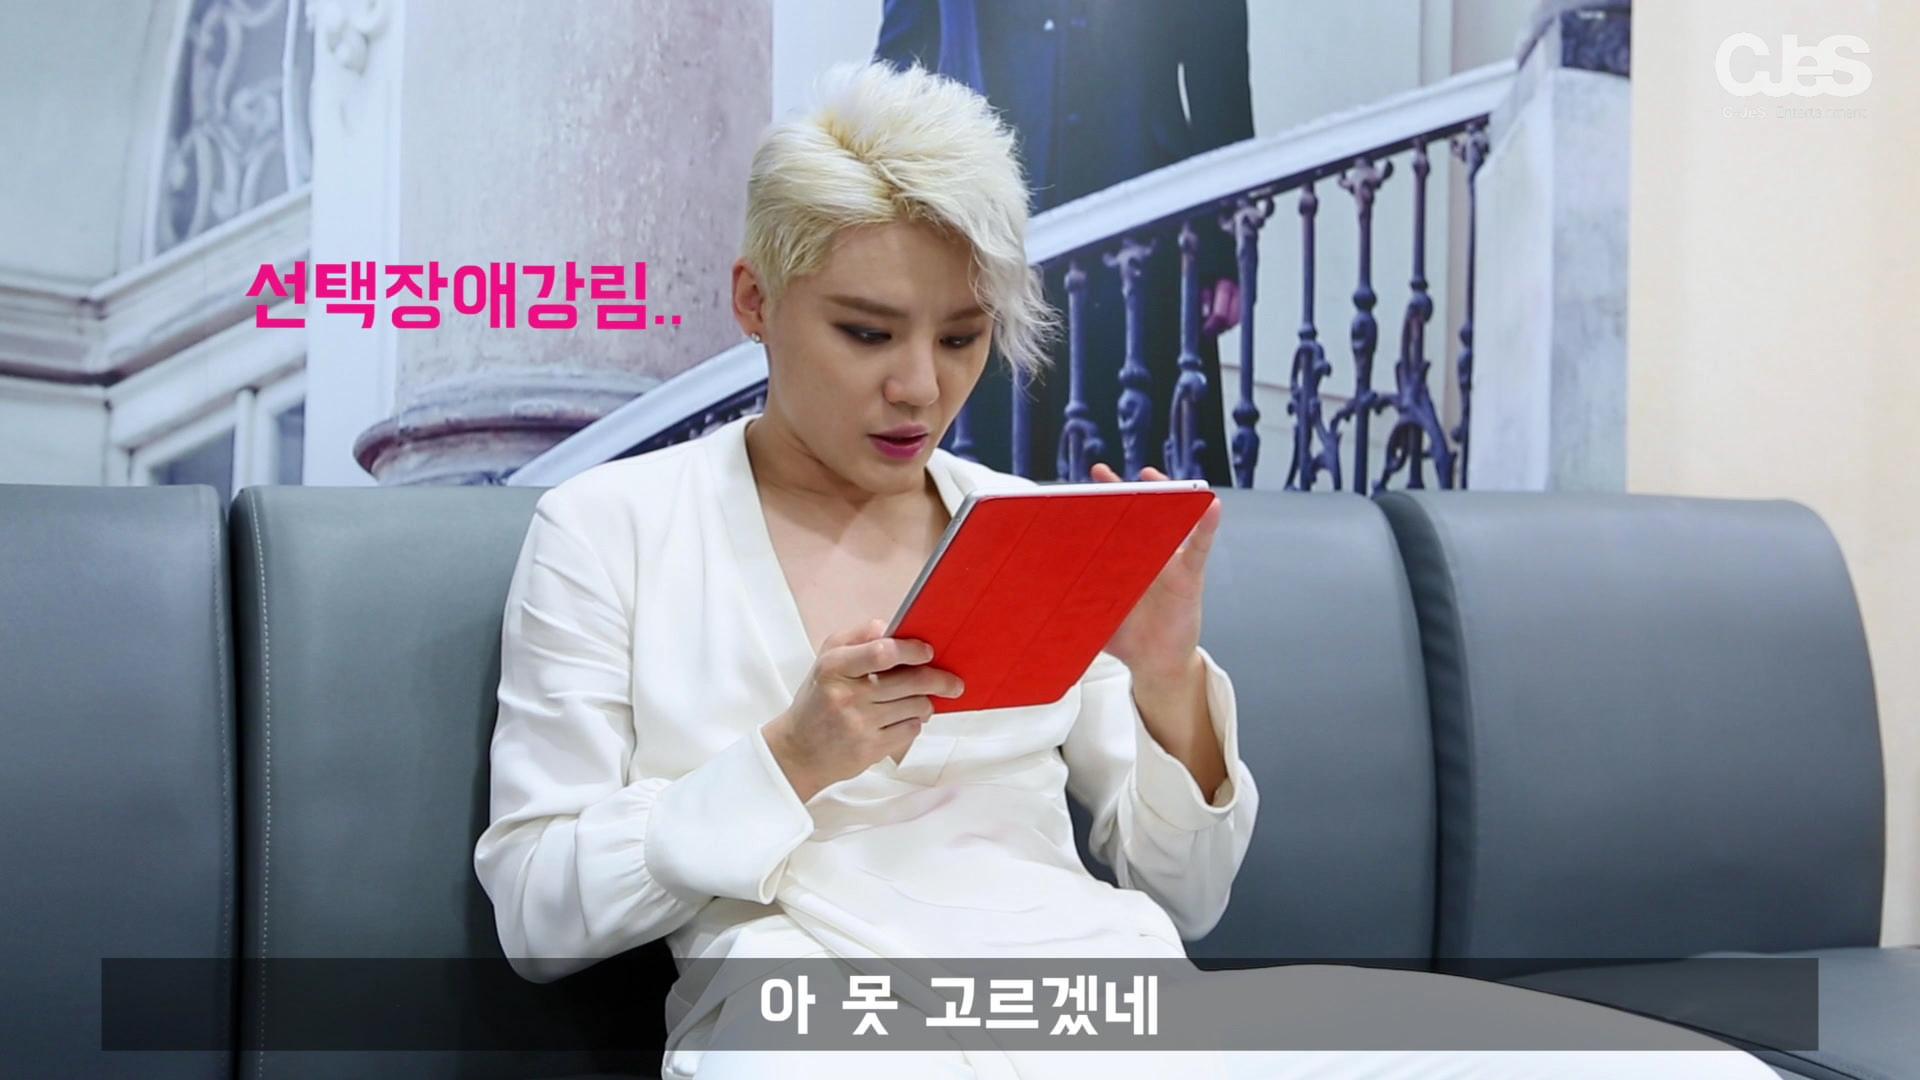 김준수 - 샤리안이 직접 뽑은 팬아트 장원은?